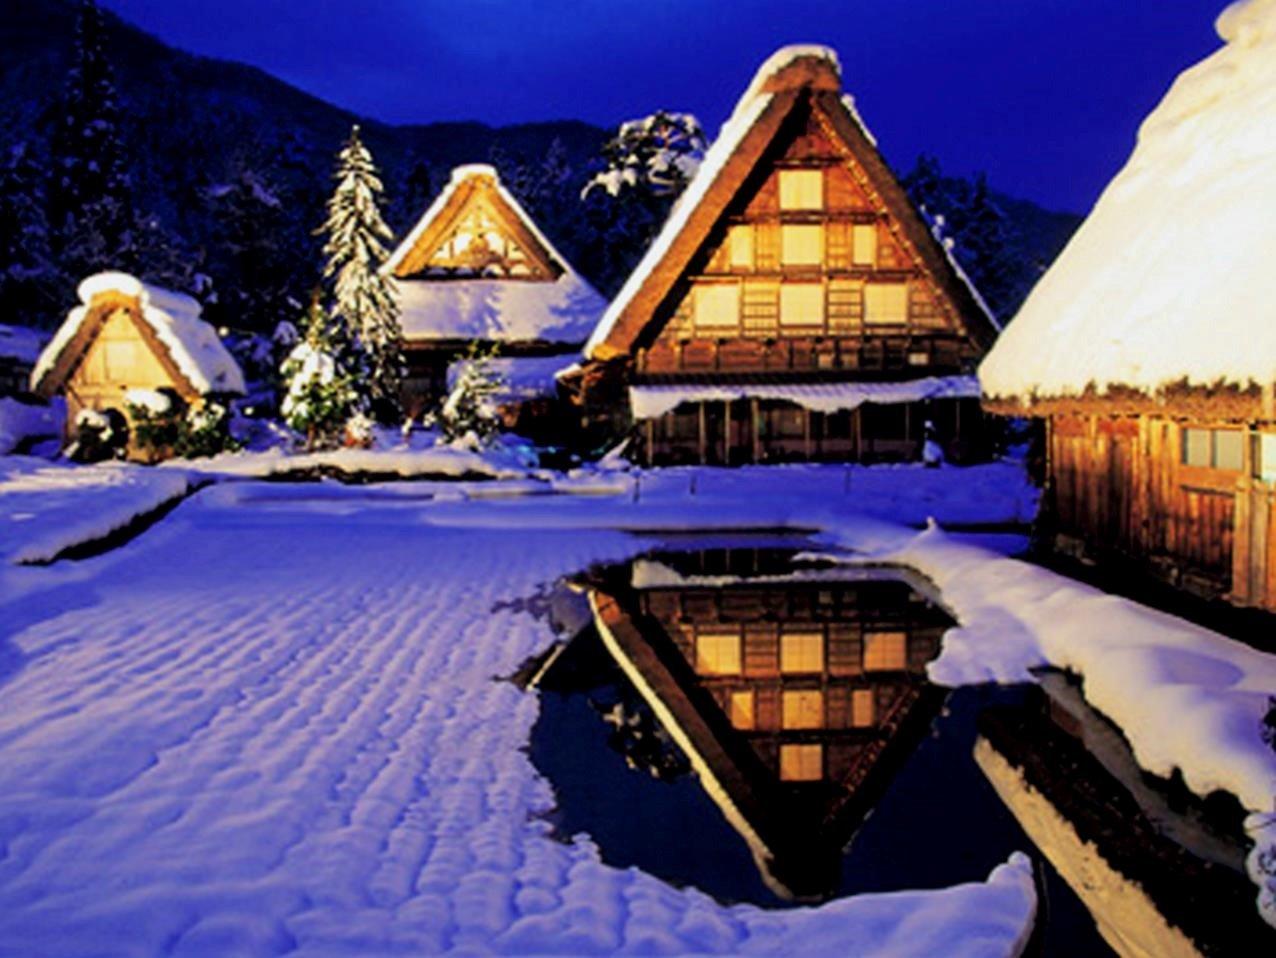 白川鄉合掌村冬季夜間點燈